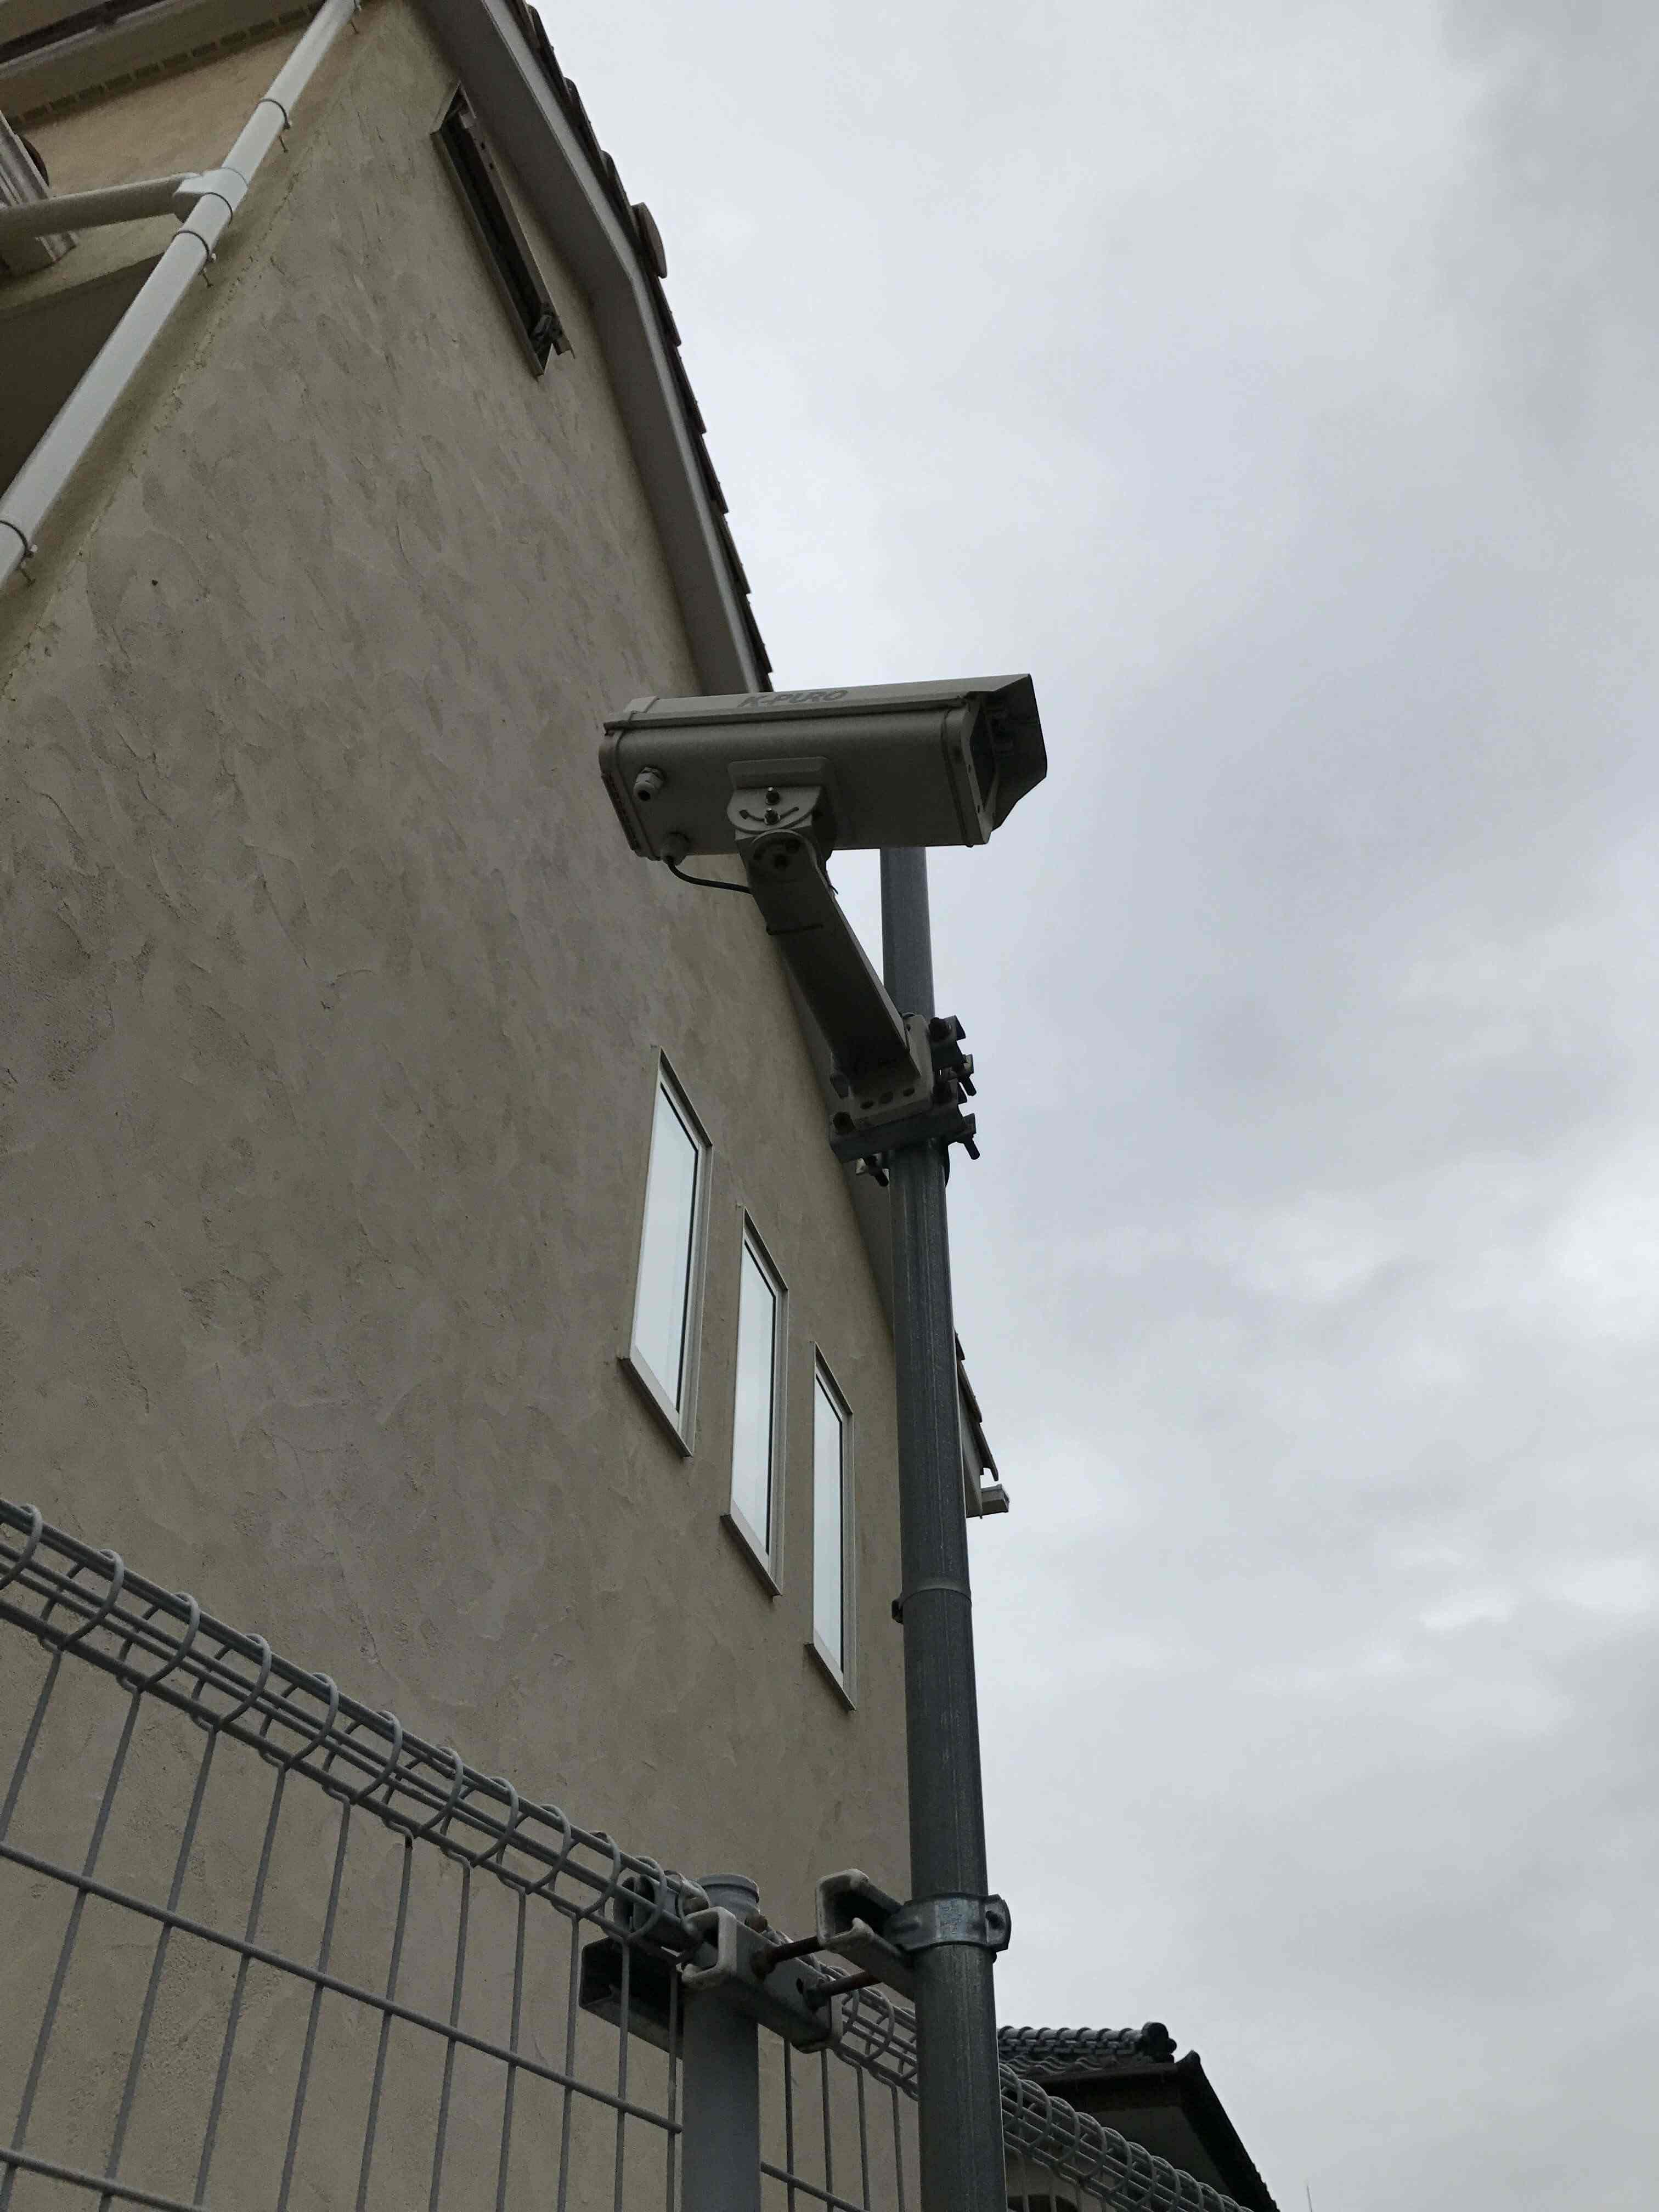 ビジネスホテル屋外ボックスカメラ